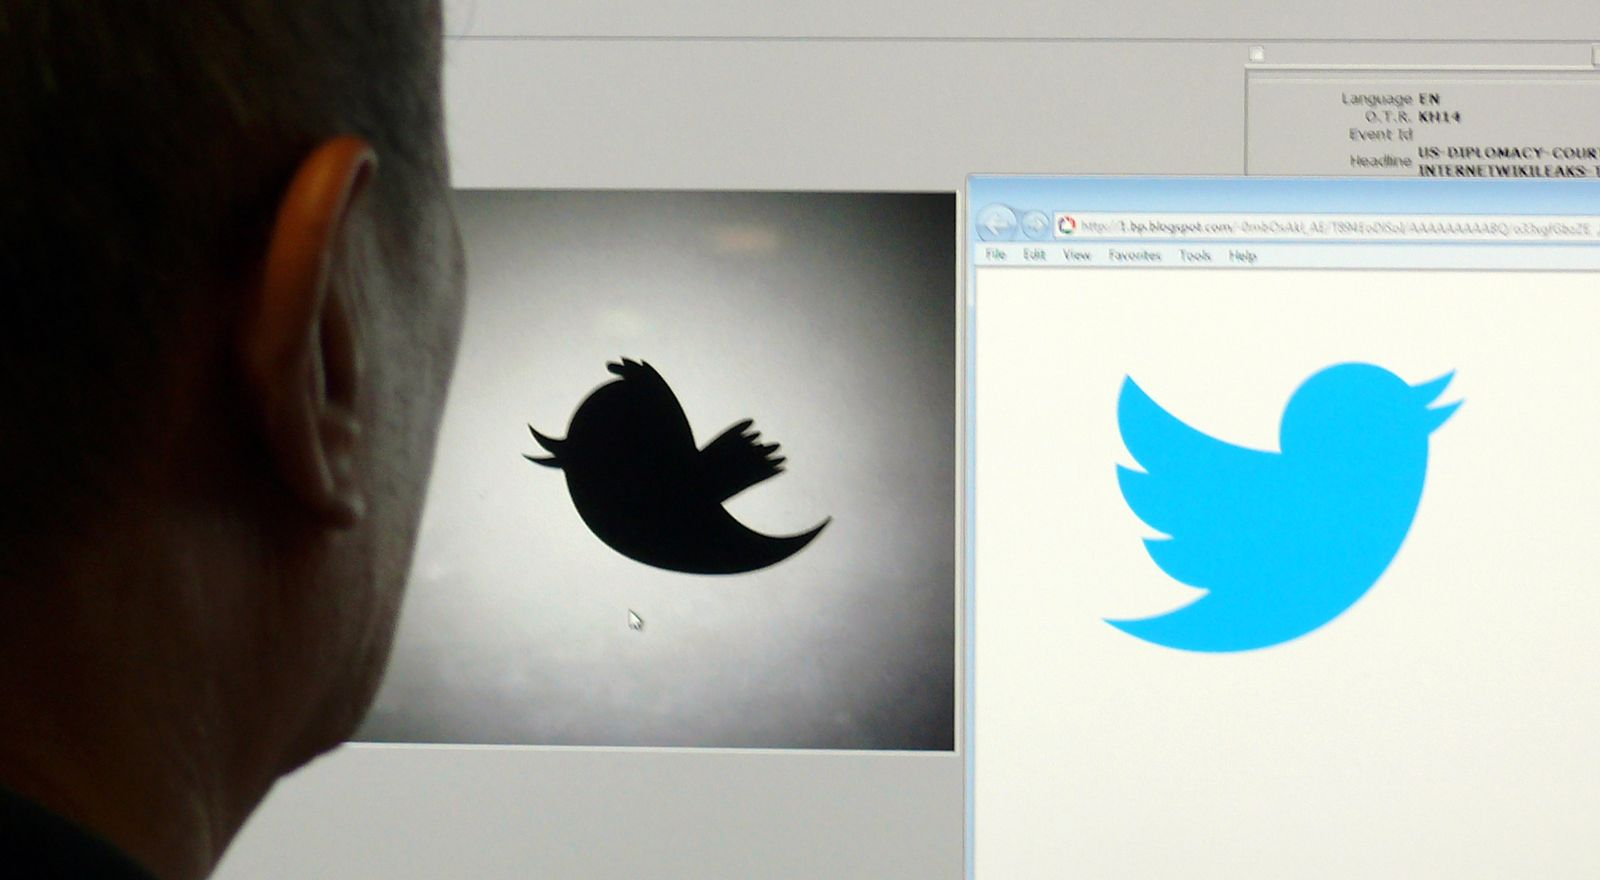 Twitter / Logos